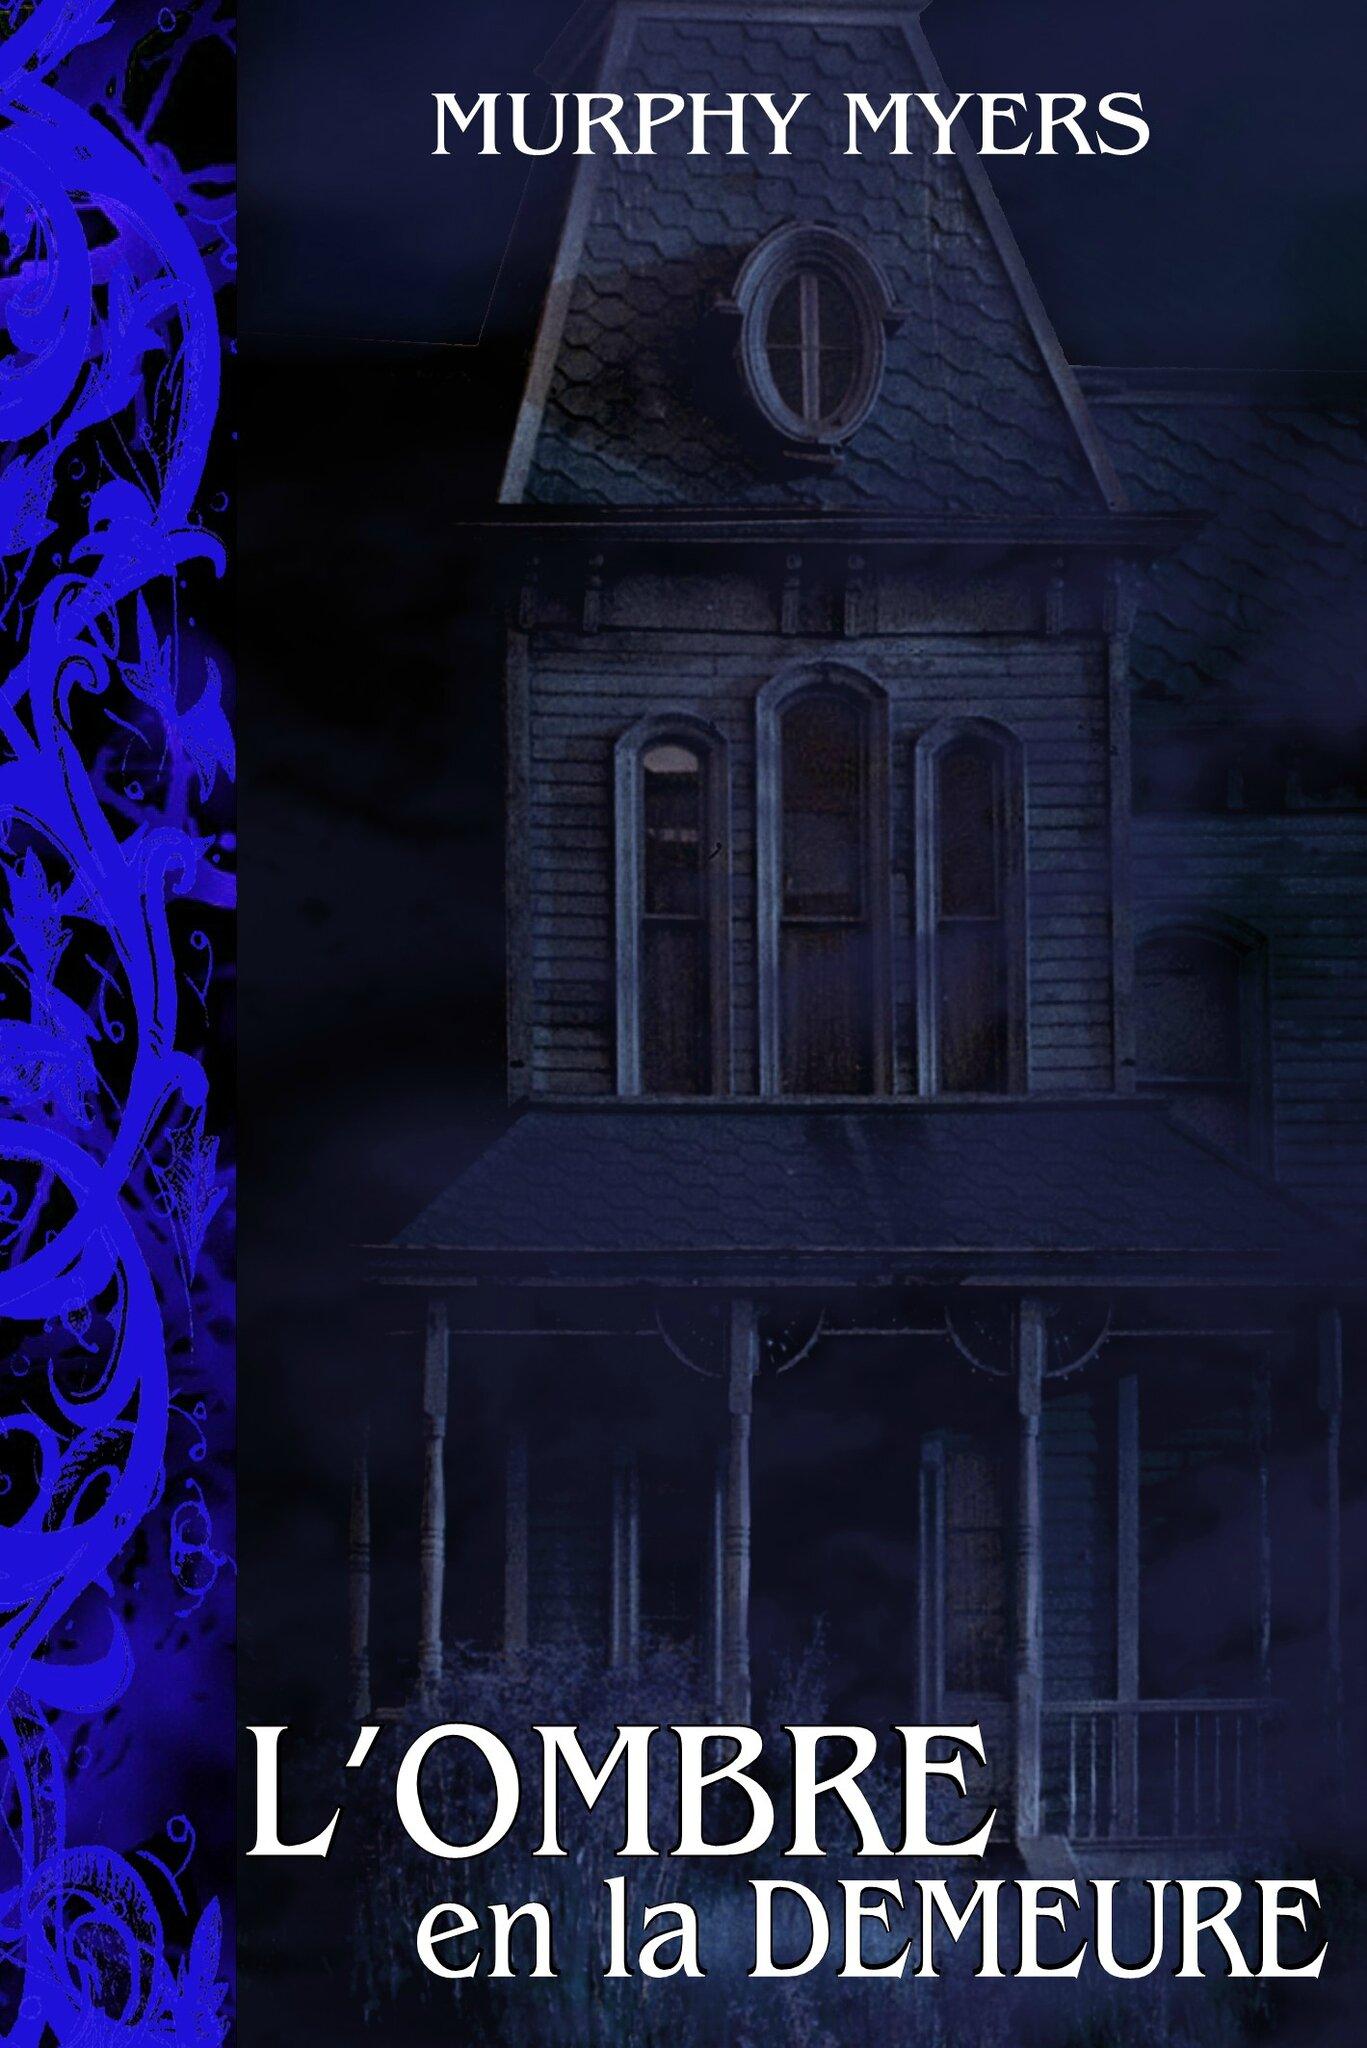 L'ombre en la demeure